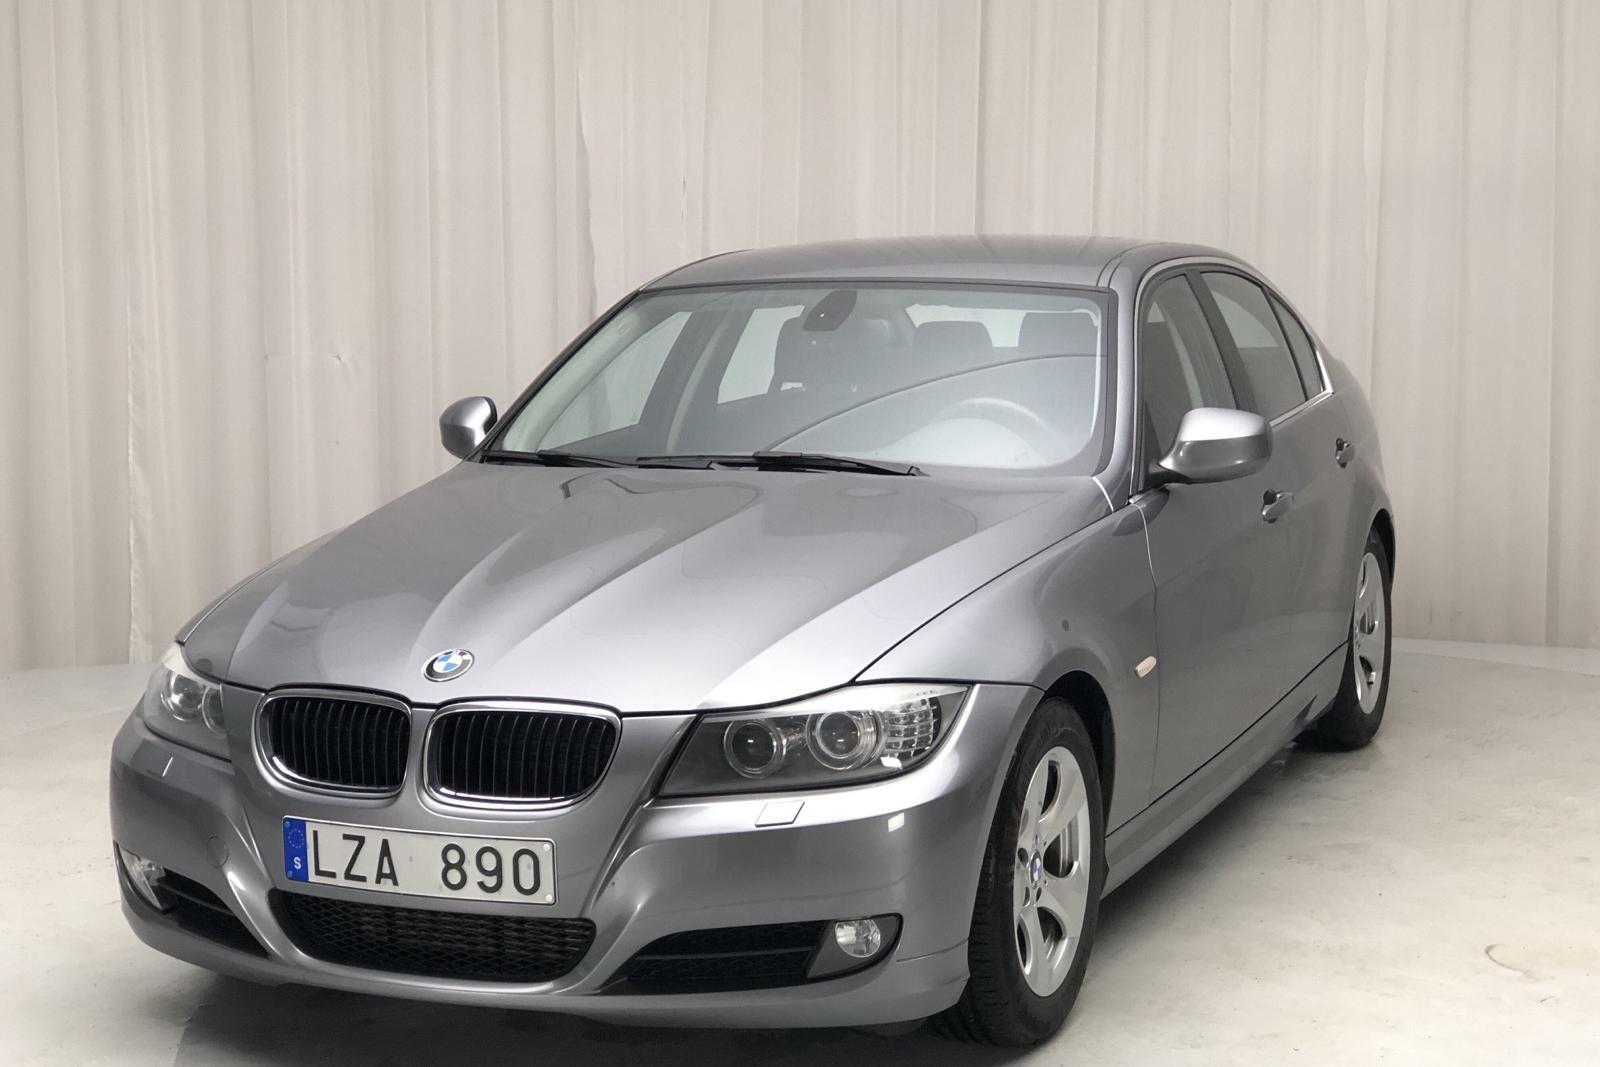 BMW 320d Limousine EfficientDynamics, E90 (163hk)